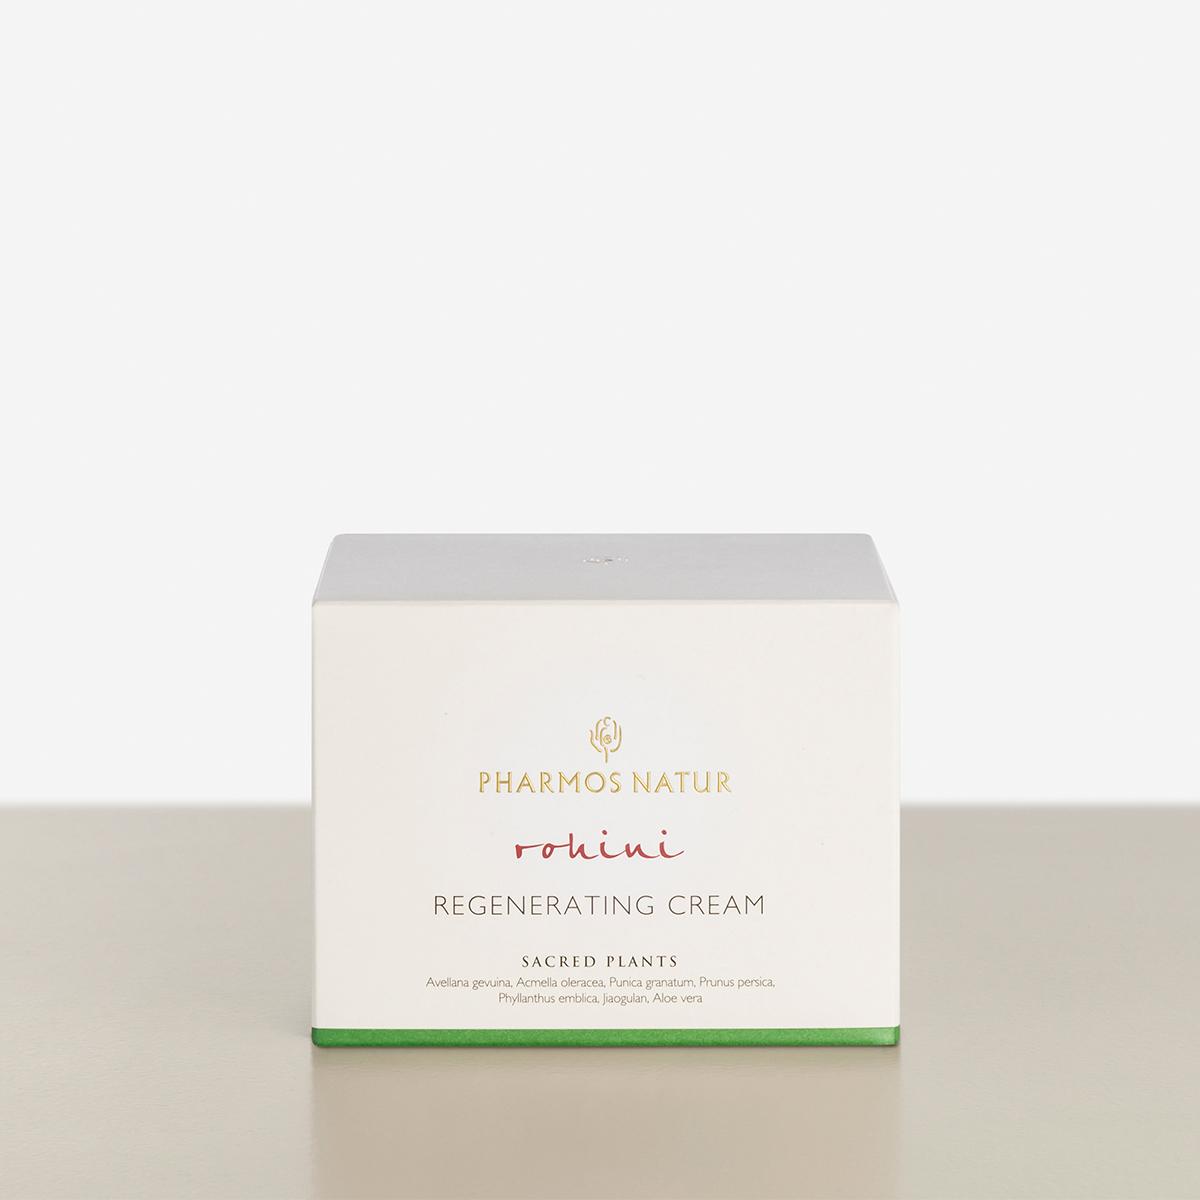 Verpackung Rohini Regenerating Cream Produktbild